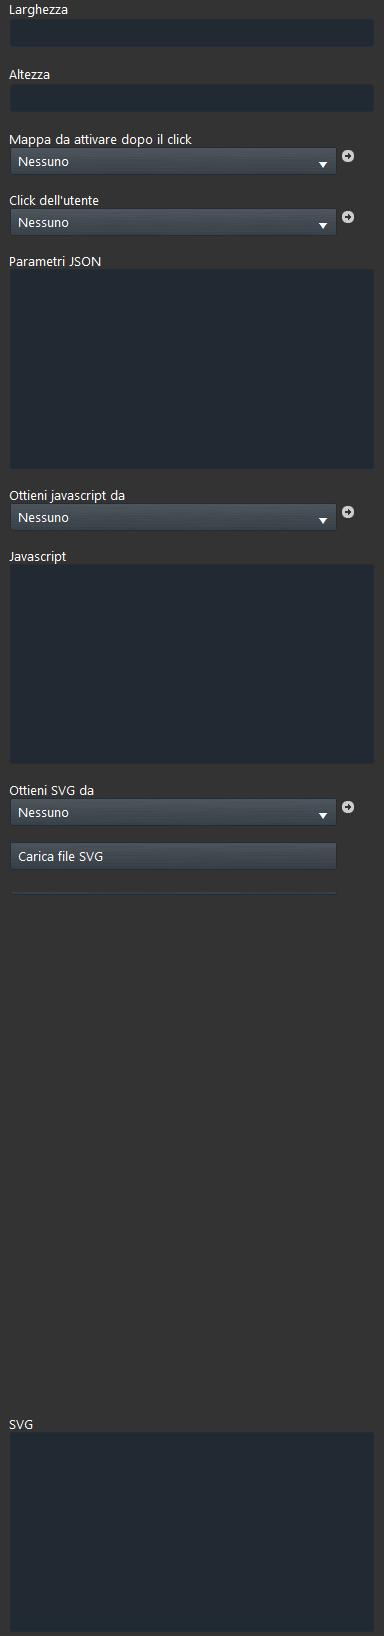 Proprietà componente Custom widget all'interno del software per la configurazione della domotica EVE Manager pro